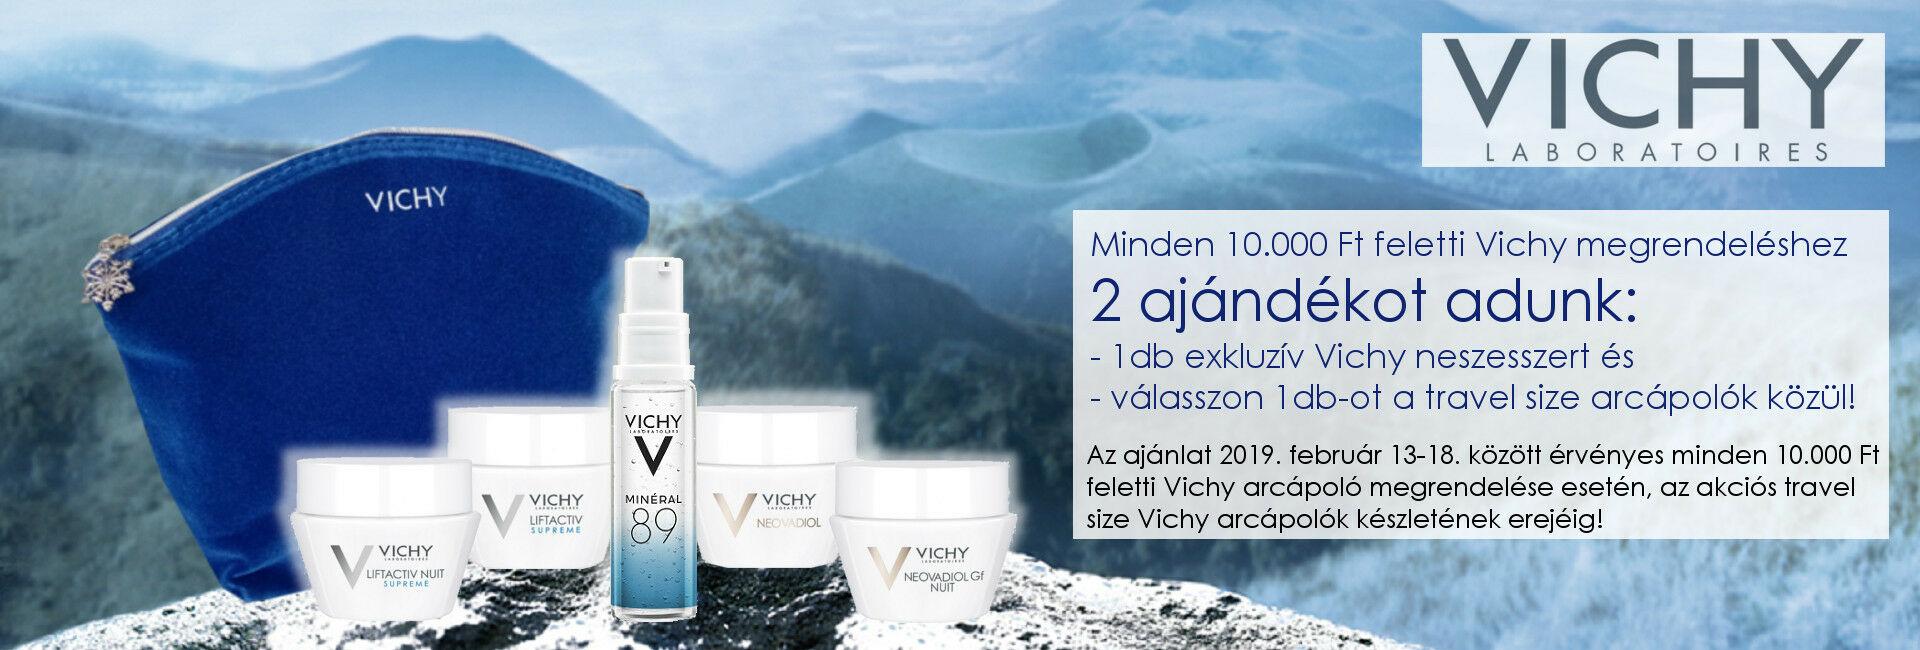 Vichy 2 ajándék